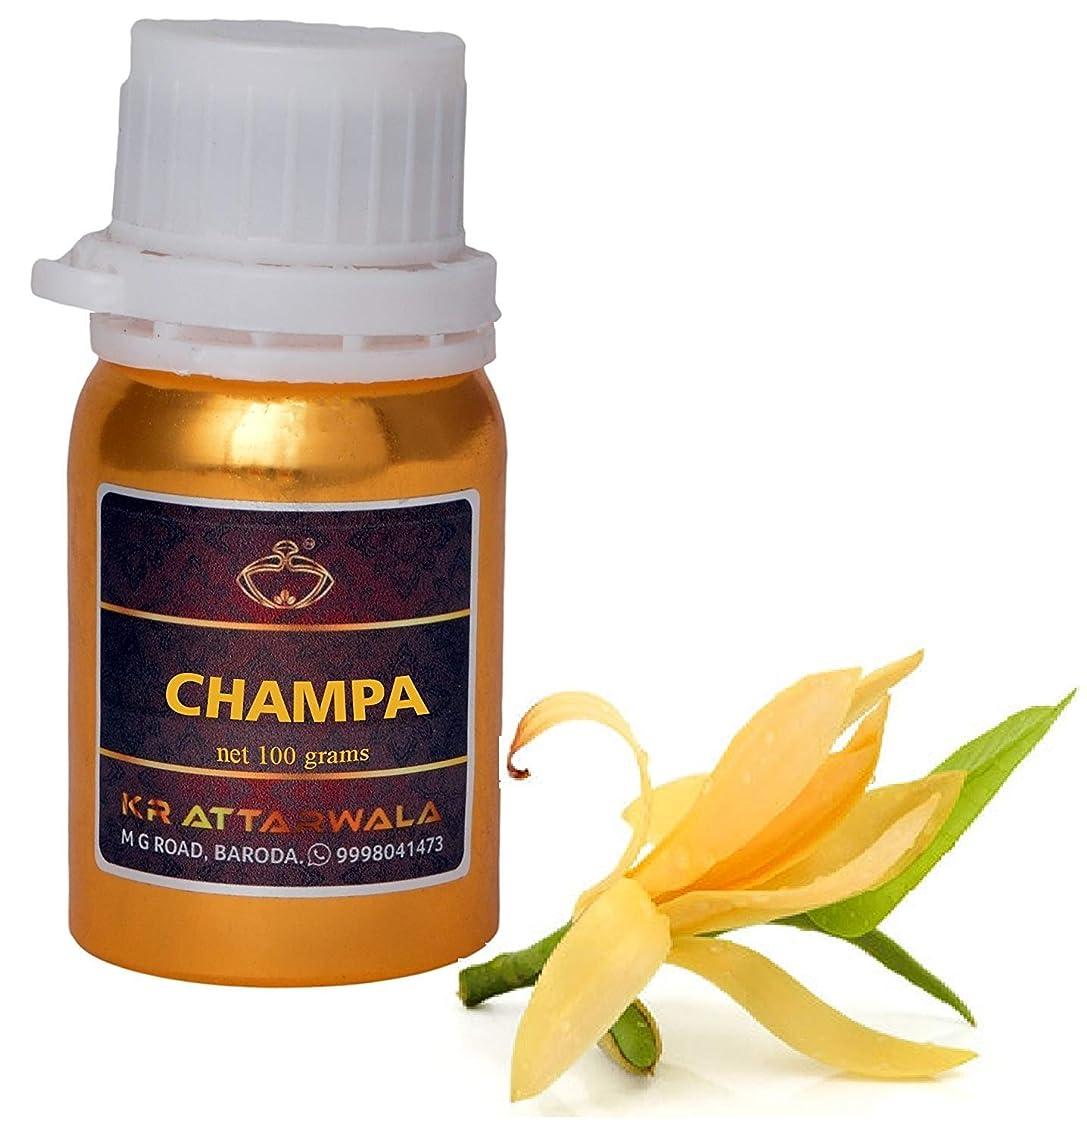 アシュリータファーマンポンド期間チャンパフラワーフレグランス香水Ittarアターオイル - スウィート強いチャンパアロマ100ミリリットル|長いアターを持続アターITRA最高品質の香水スプレー